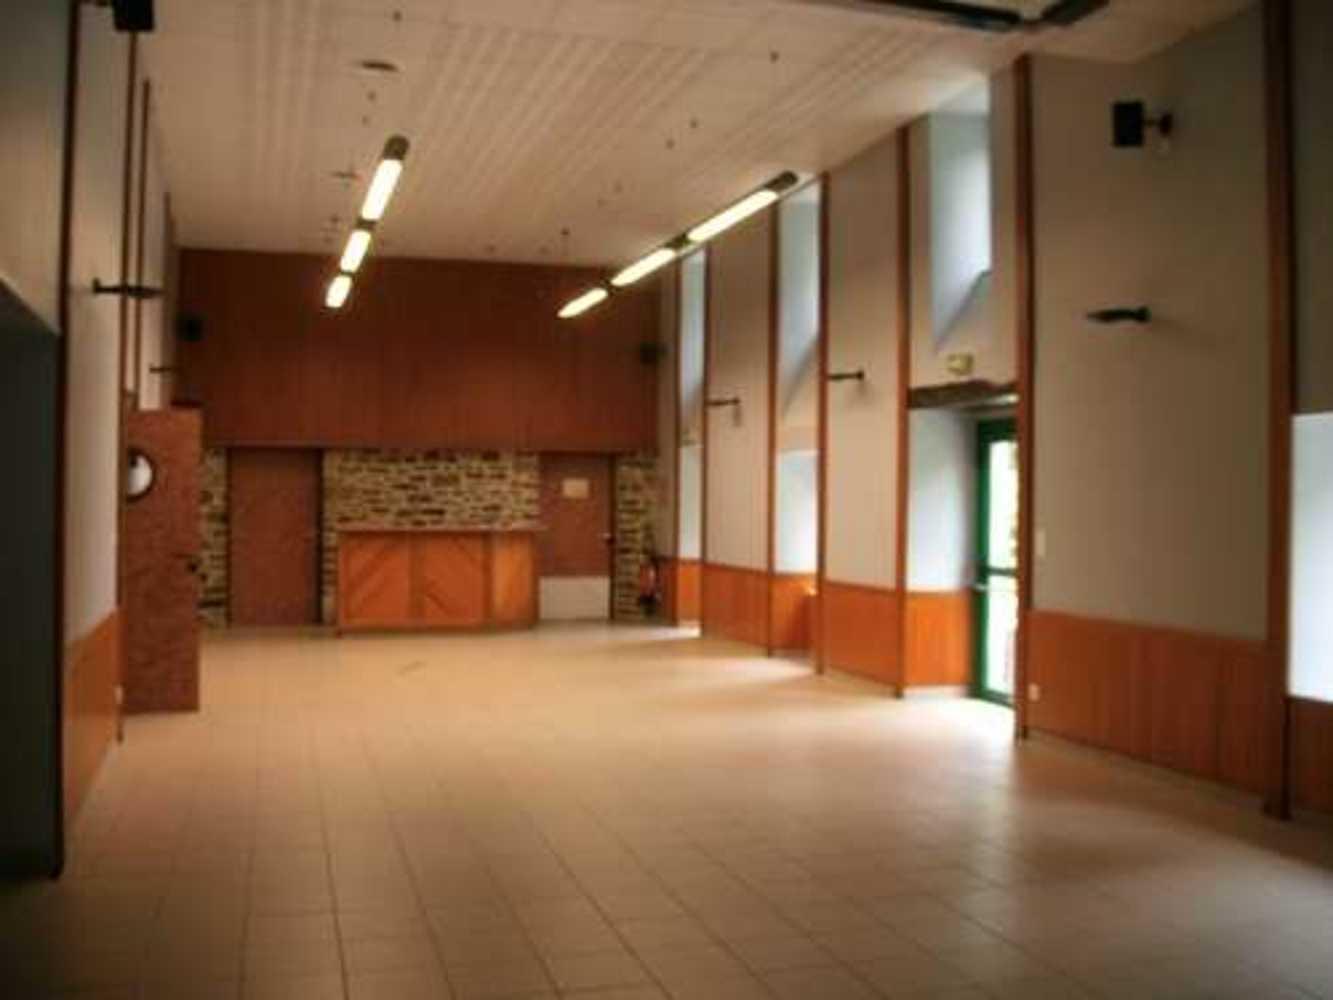 Salle de Guette-es-Lièvres (Plouguenast) gedc0186